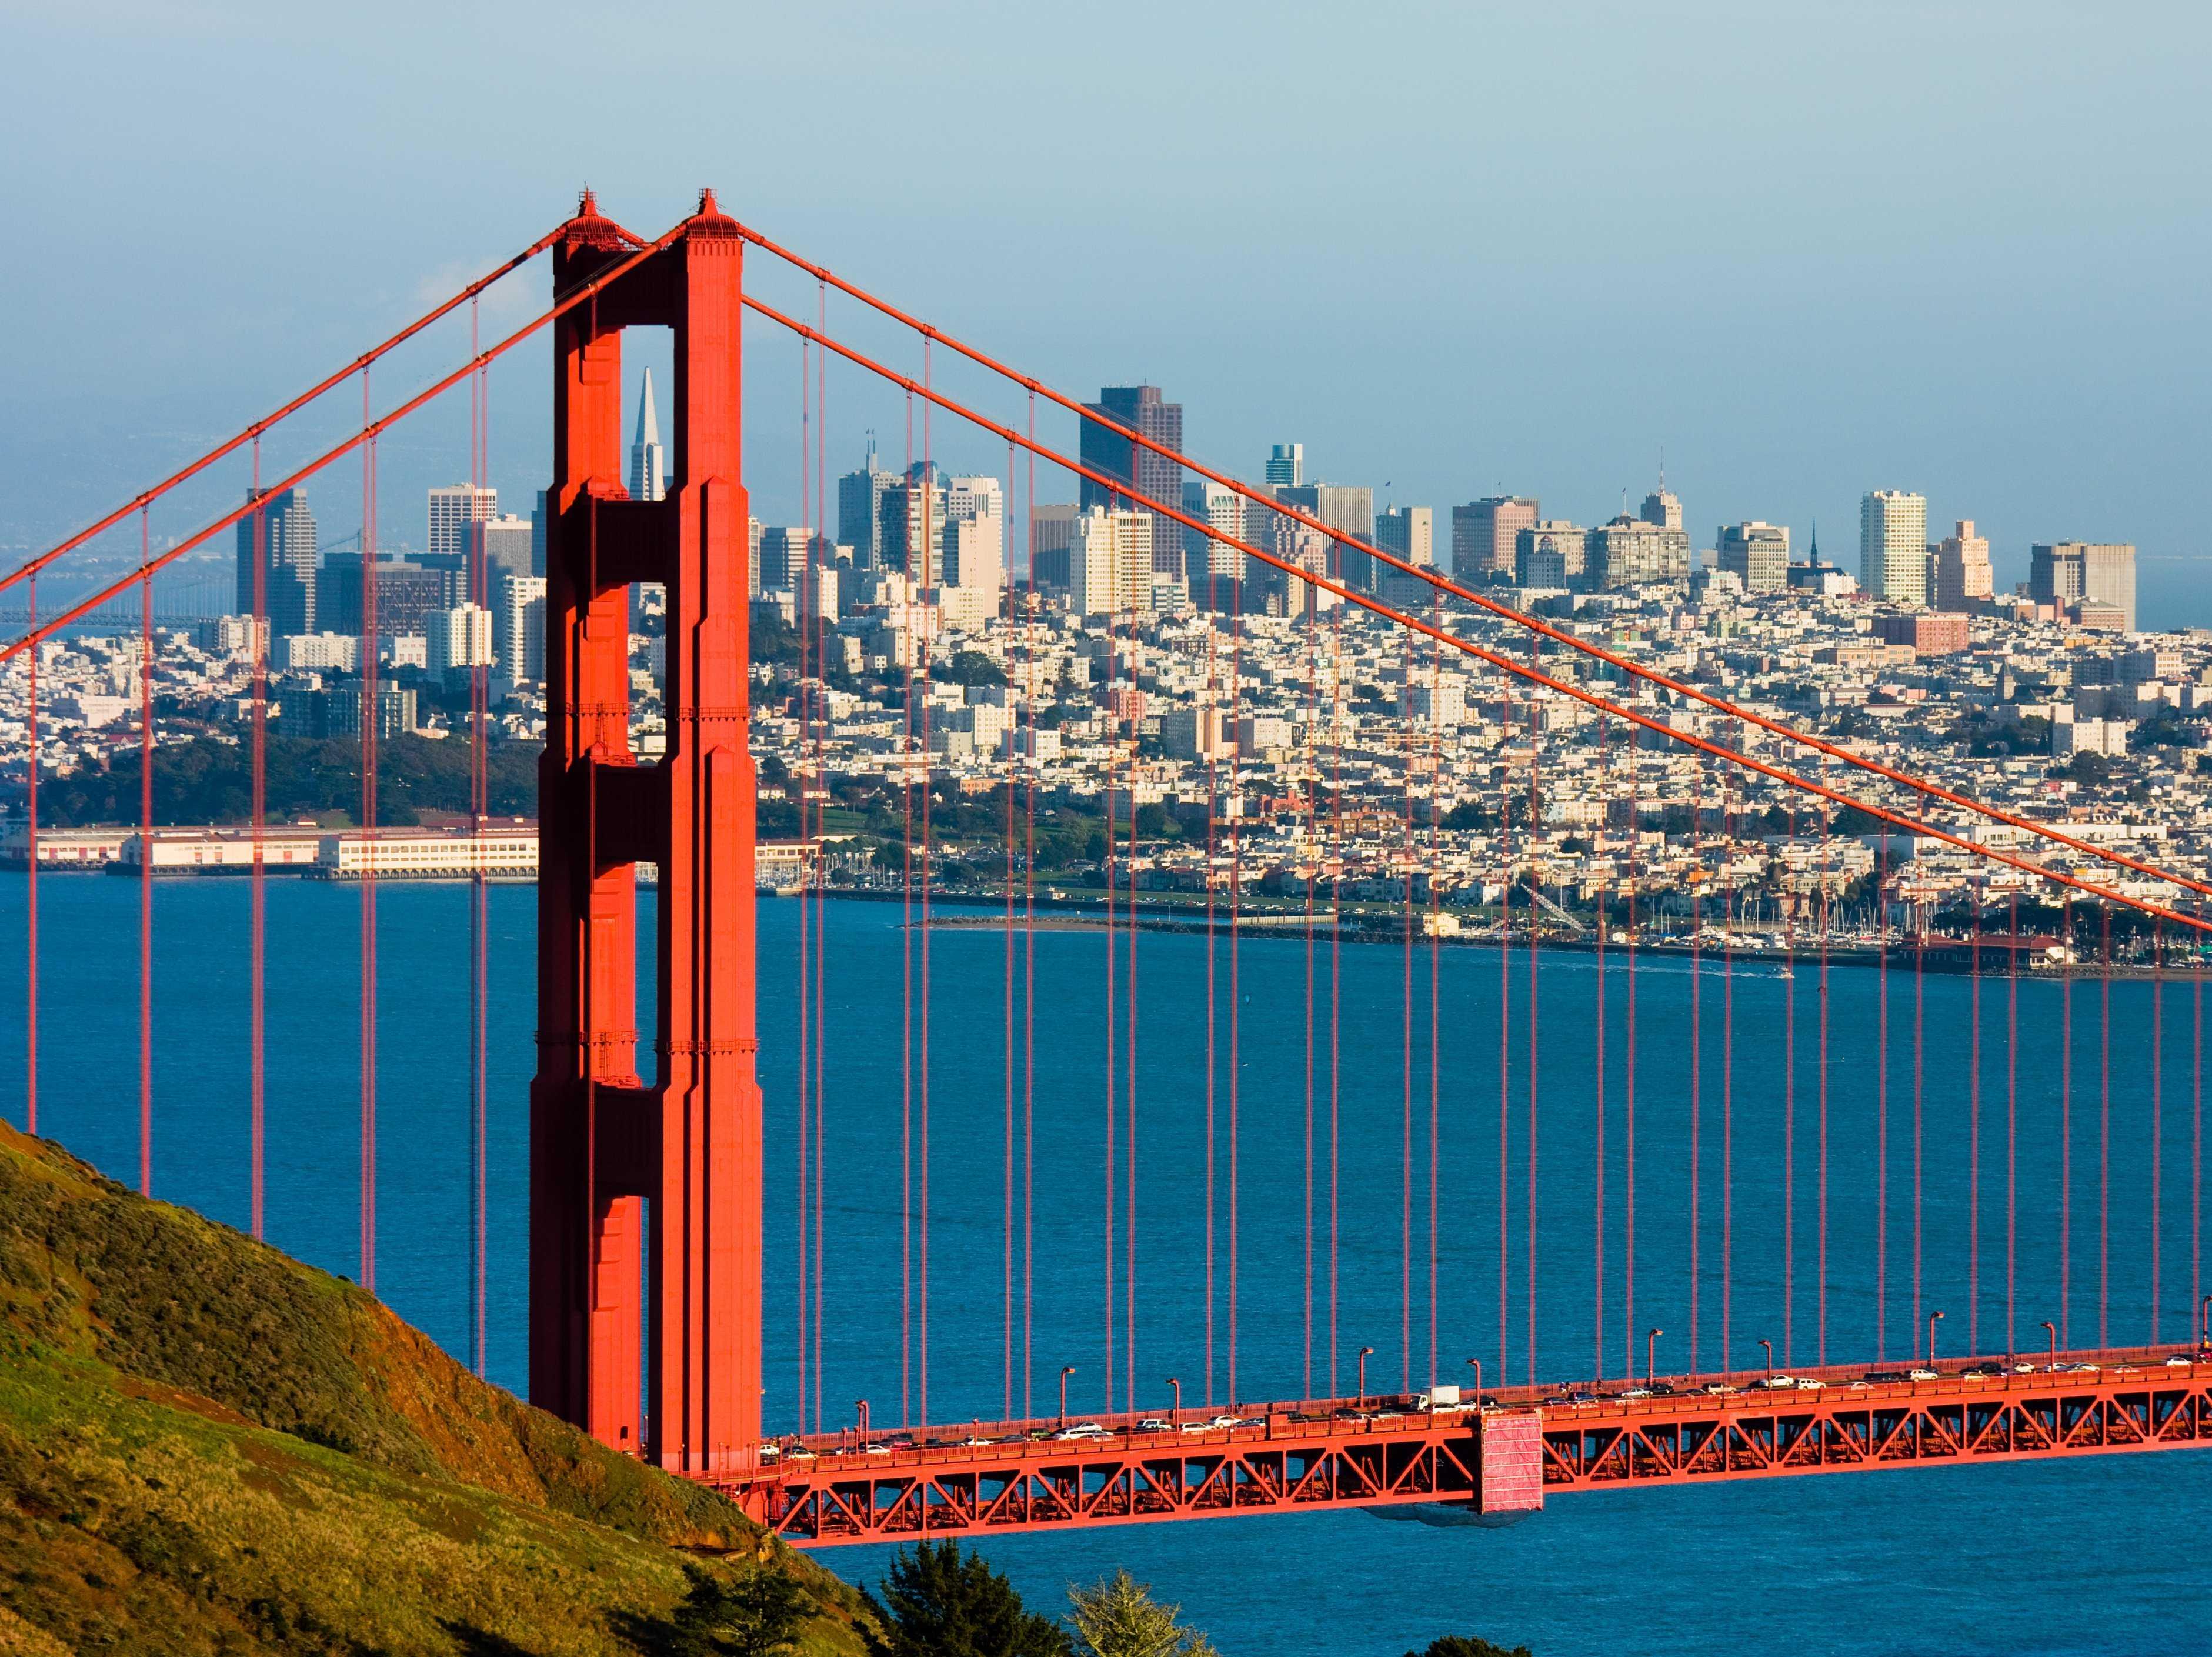 Sự kiện sẽ được tổ chức tại thành phố San Francisco. Nguồn ảnh: Businessinsider